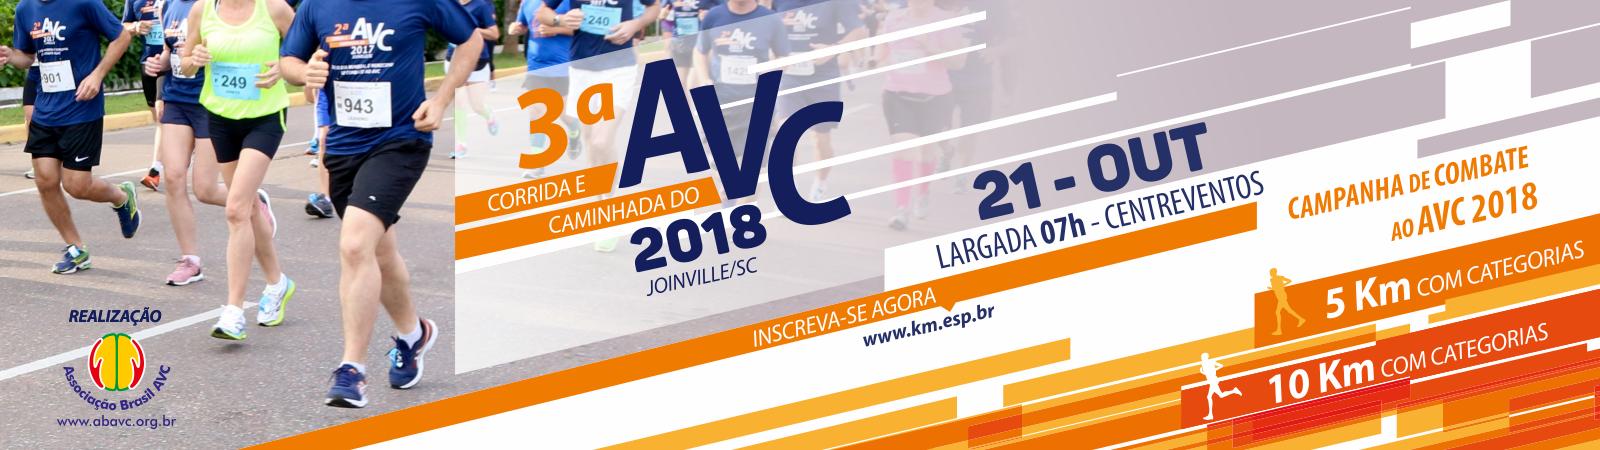 3ª CORRIDA E CAMINHADA DE COMBATE AO AVC - 2018